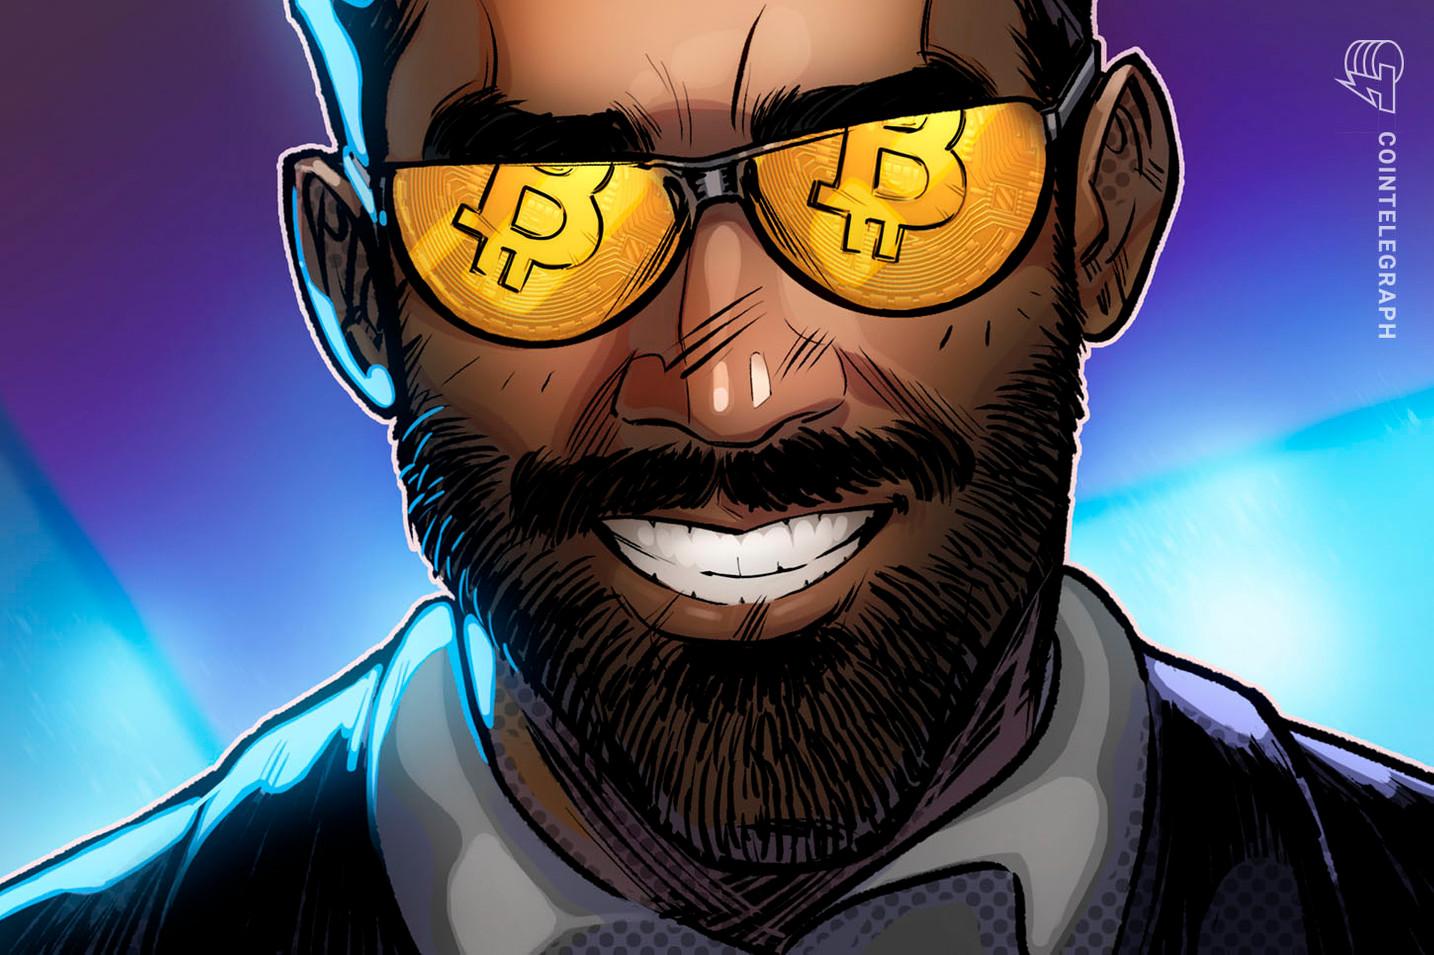 La société de négoce du milliardaire crypto le plus riche révèle avoir acheté «beaucoup plus» de Bitcoin en dessous de 30 XNUMX $